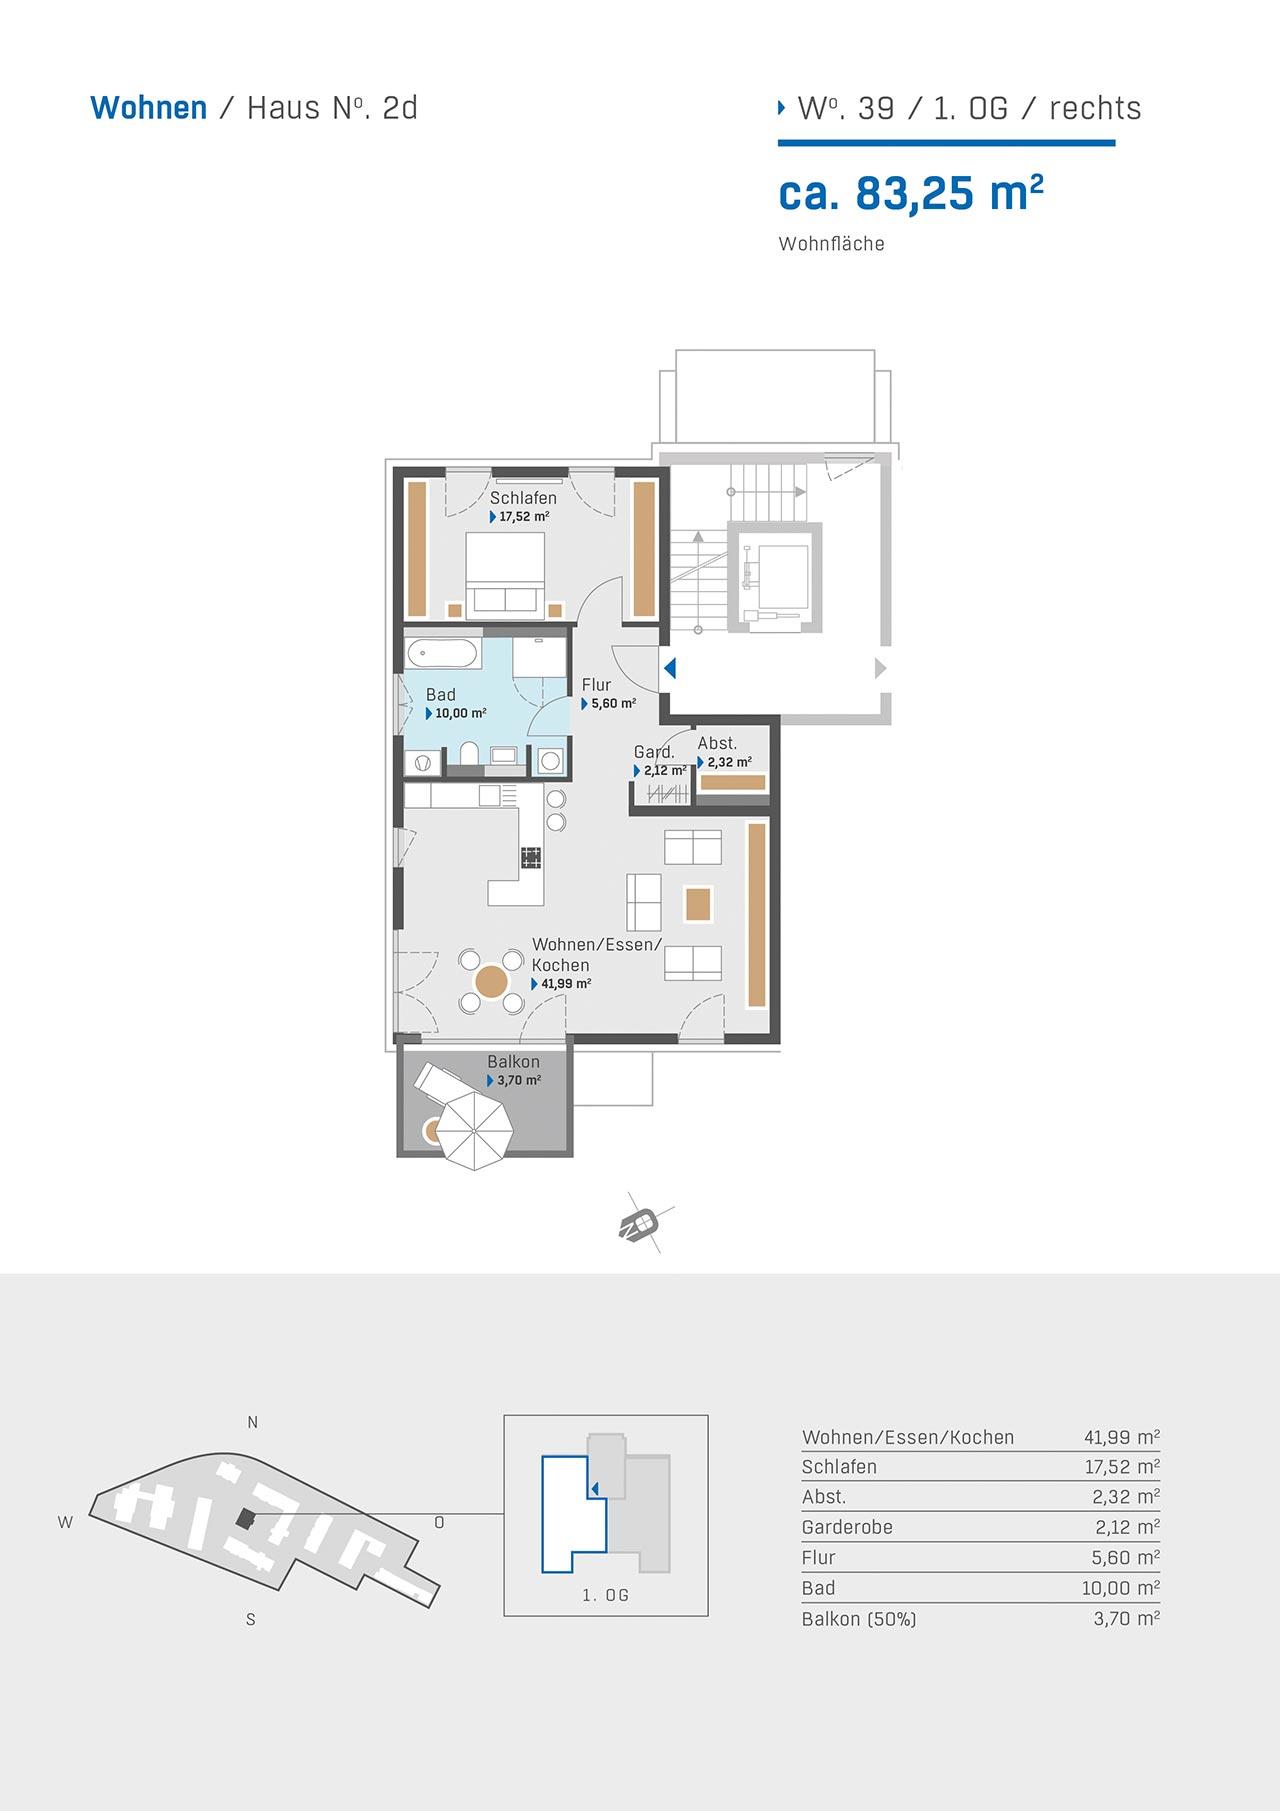 Haus 2d Grundriss Wohnung 39 1.OG rechts